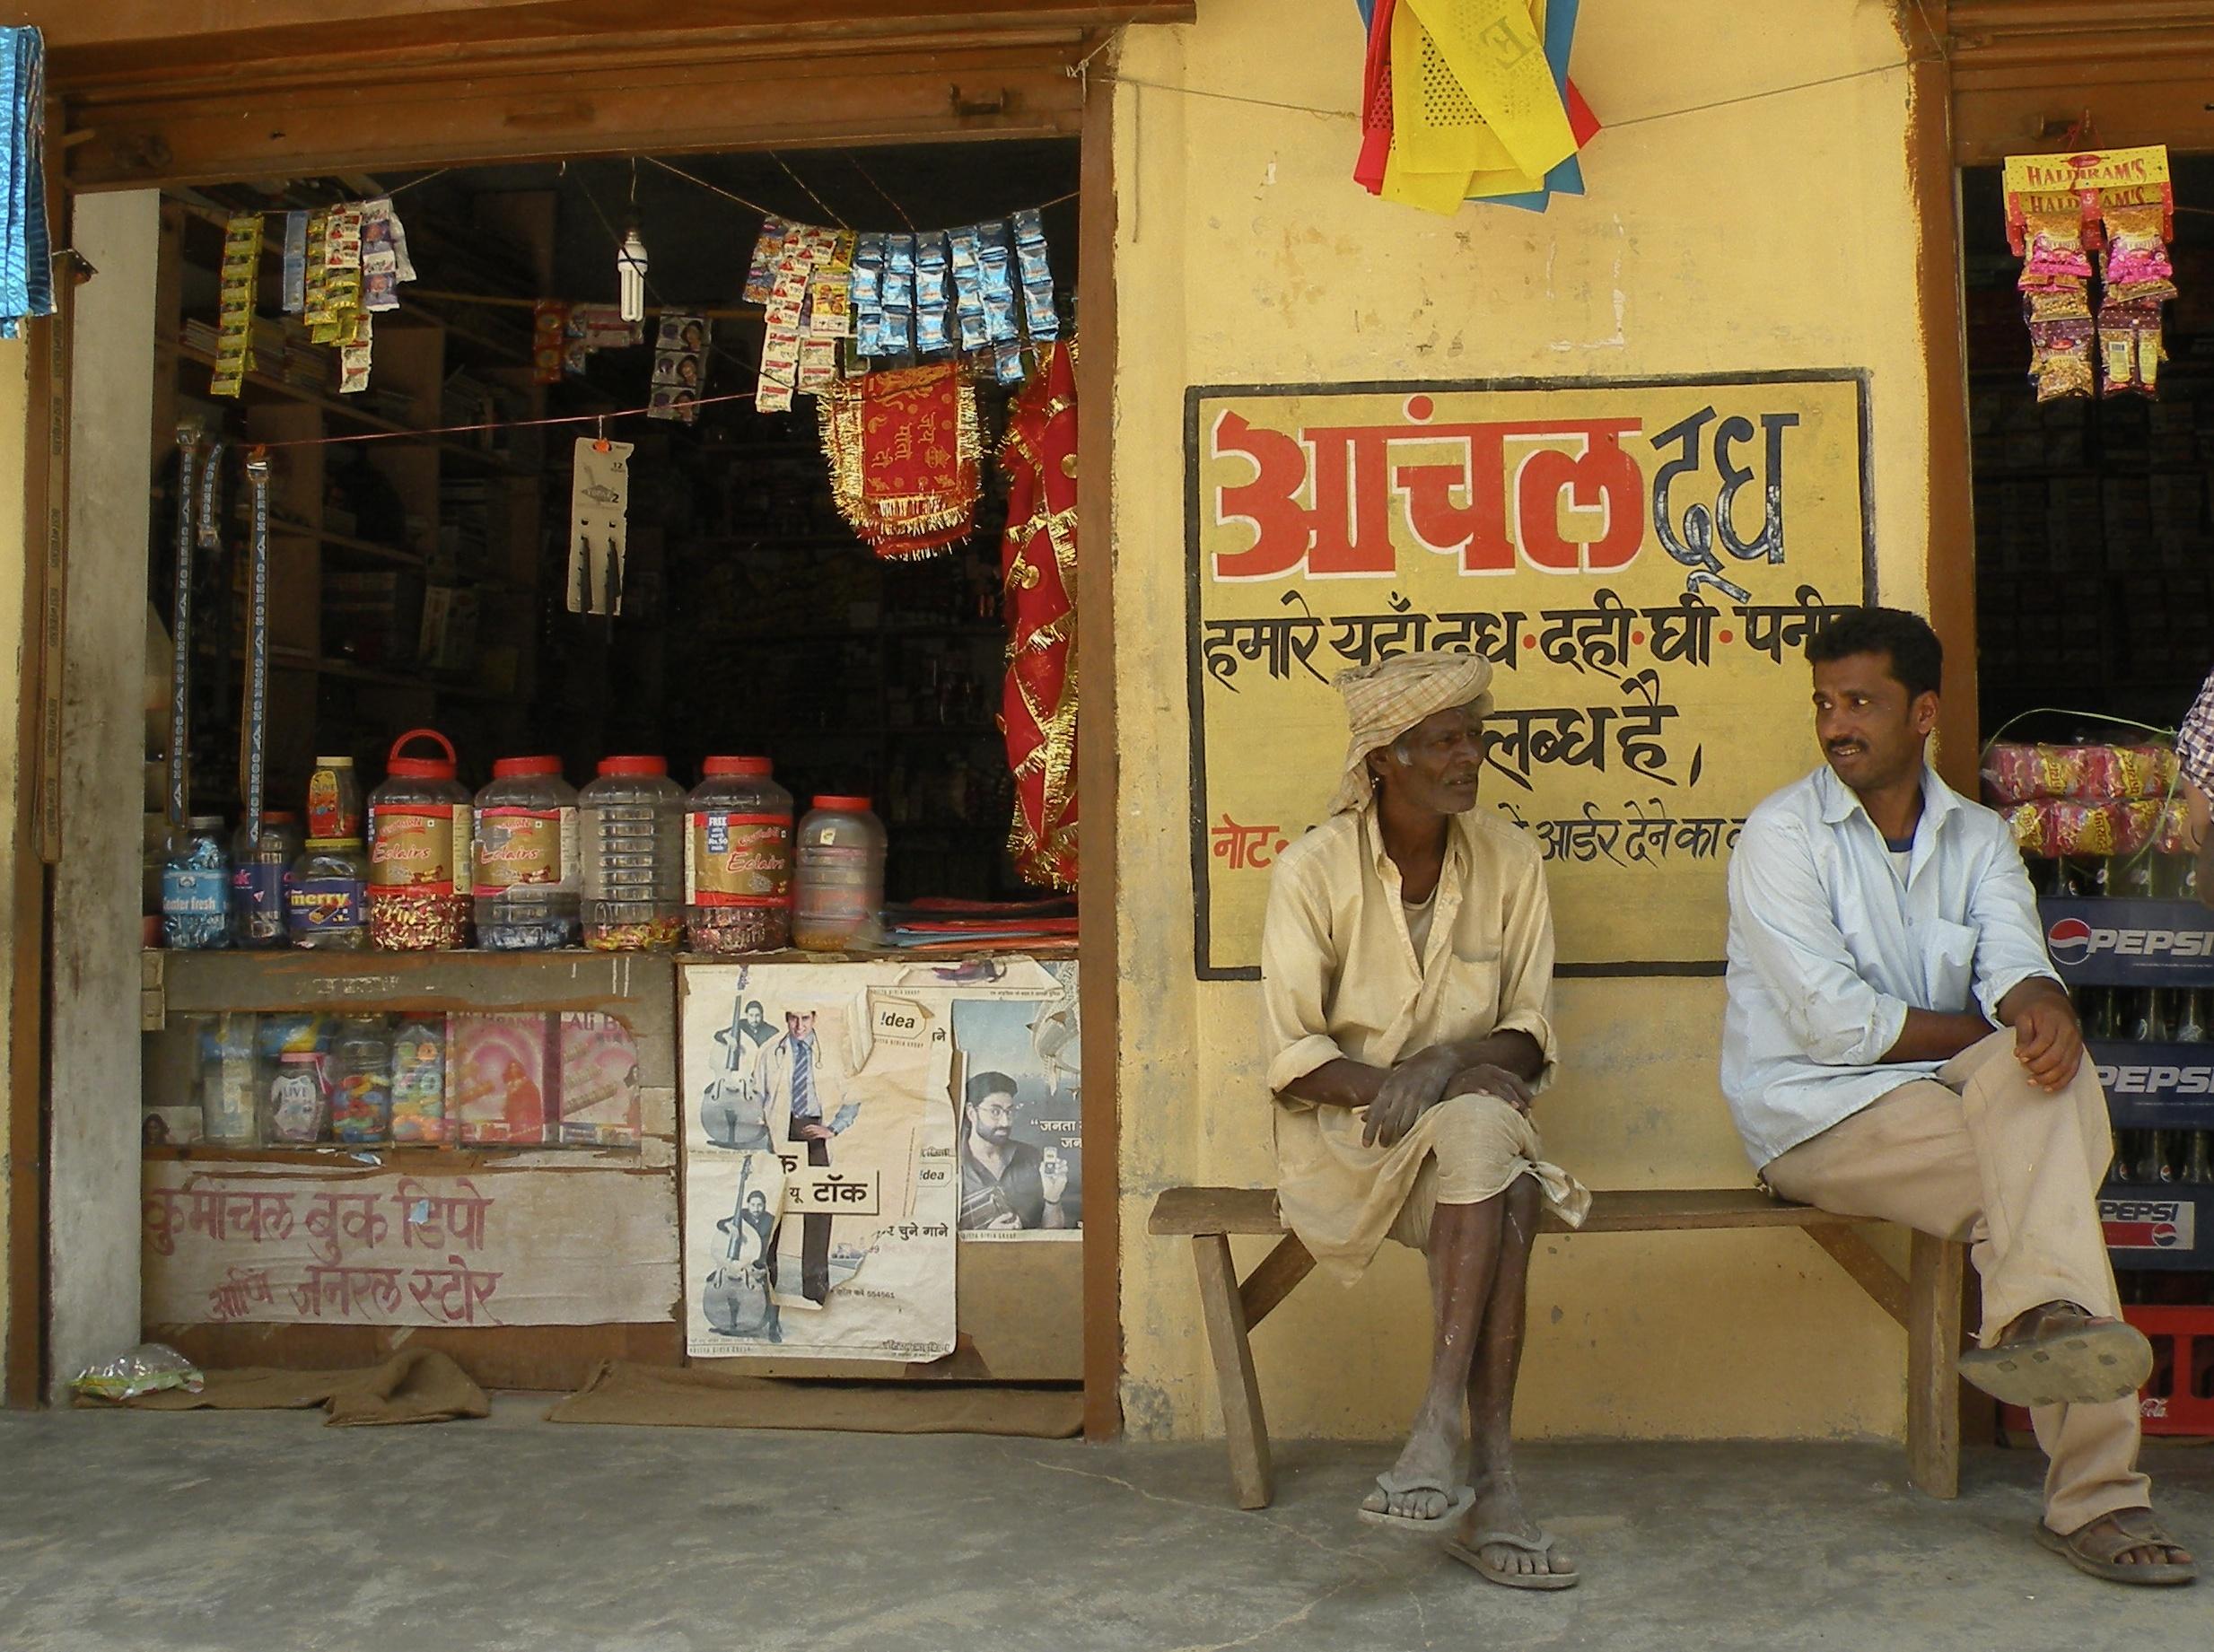 uttarakhand, india